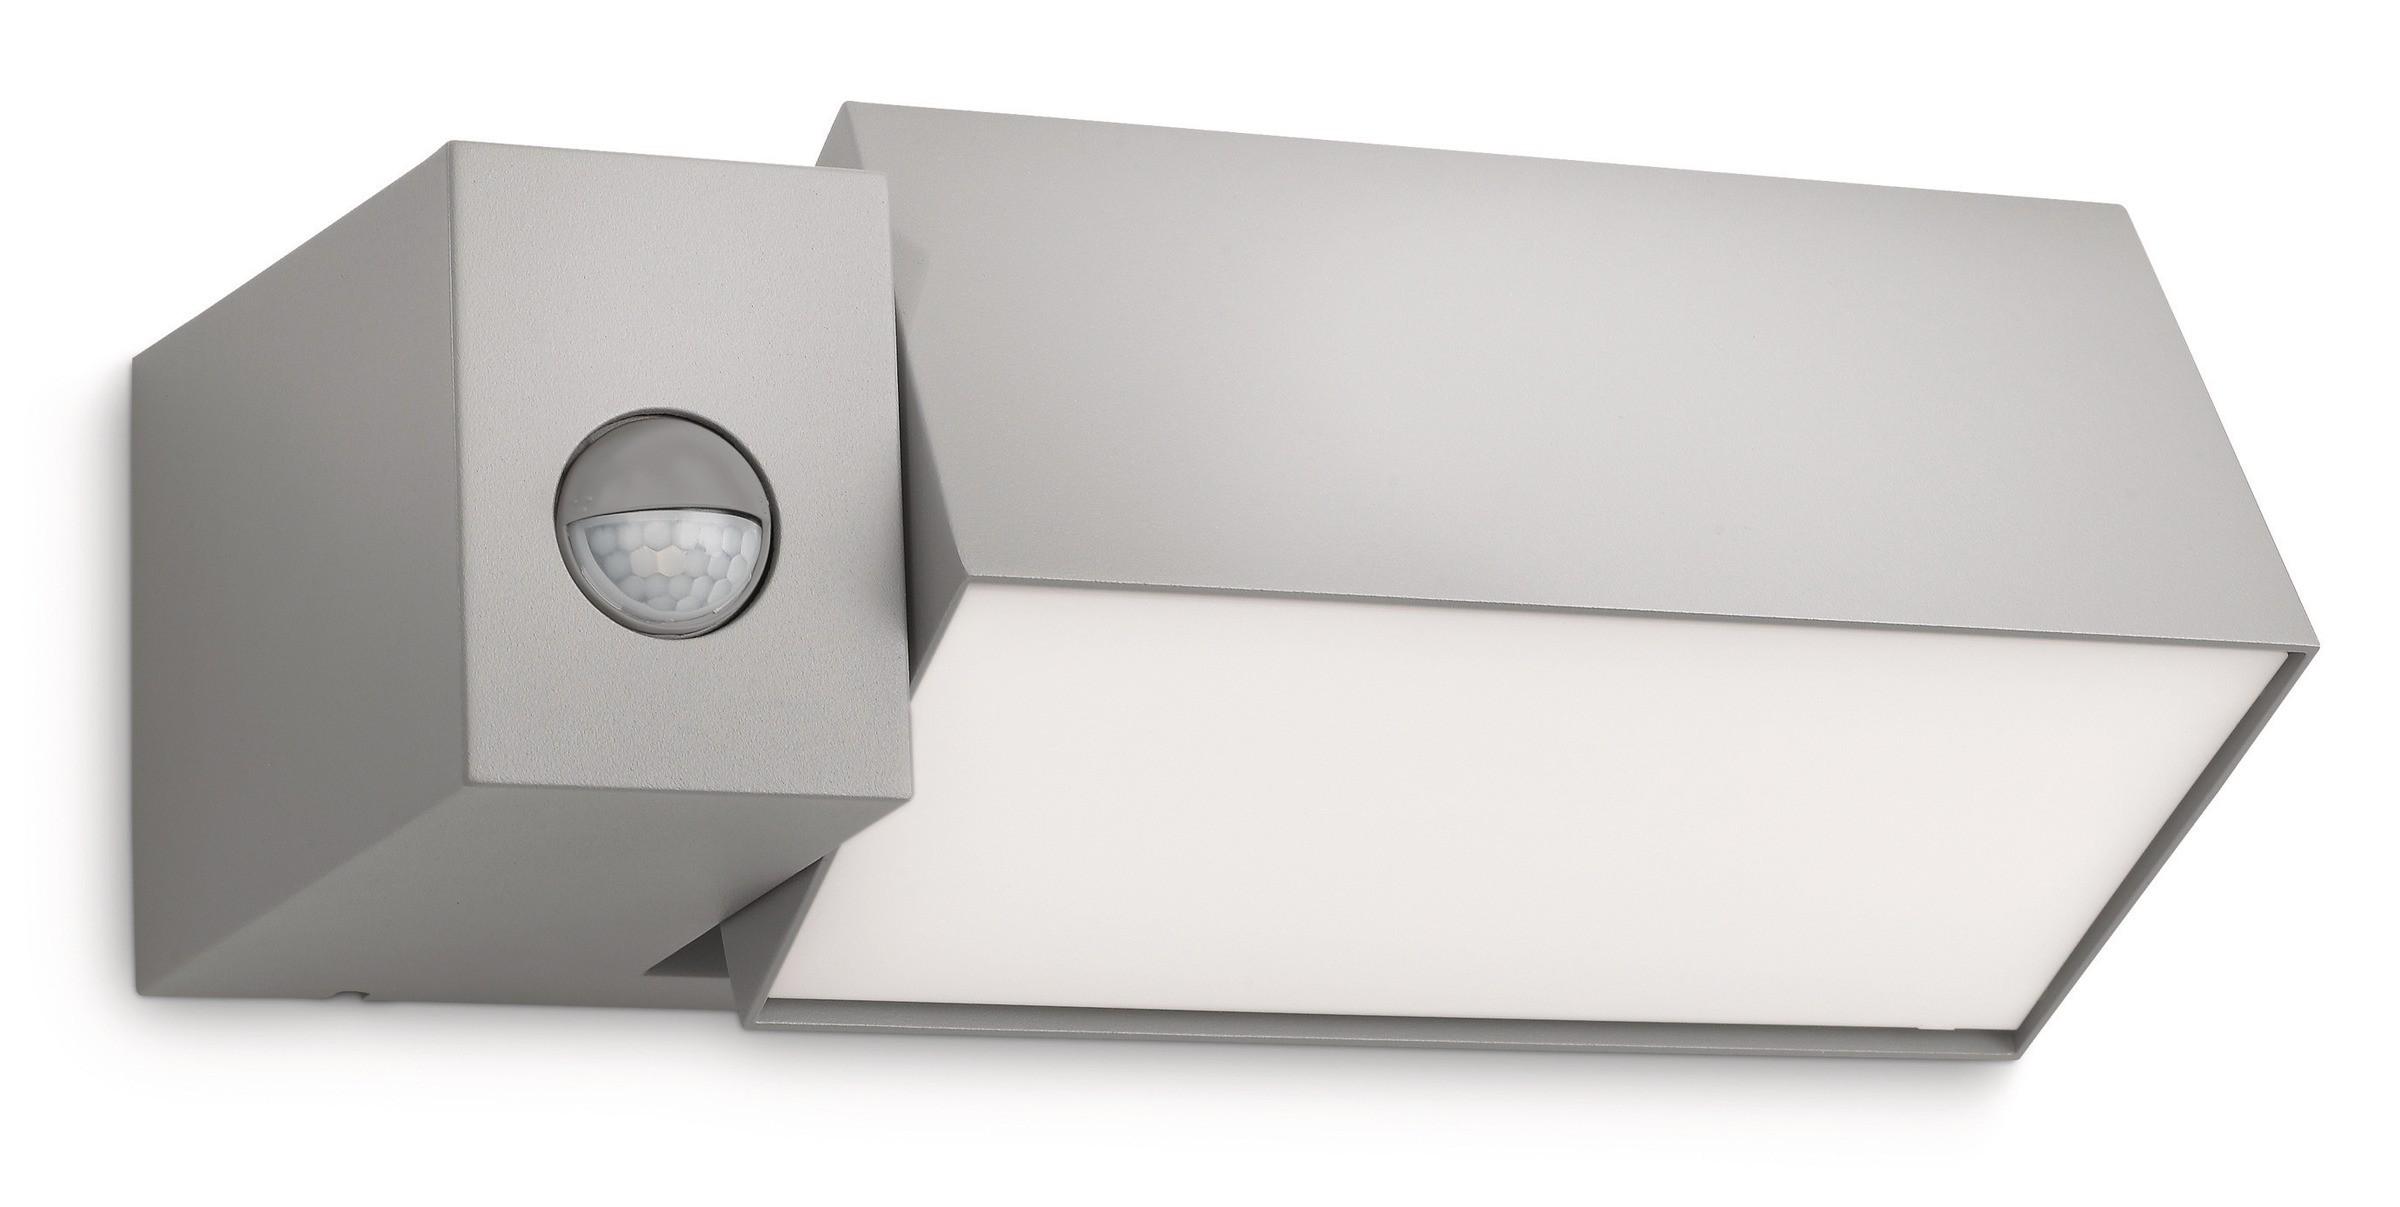 Applique d extérieur avec détecteur border philips comptoir